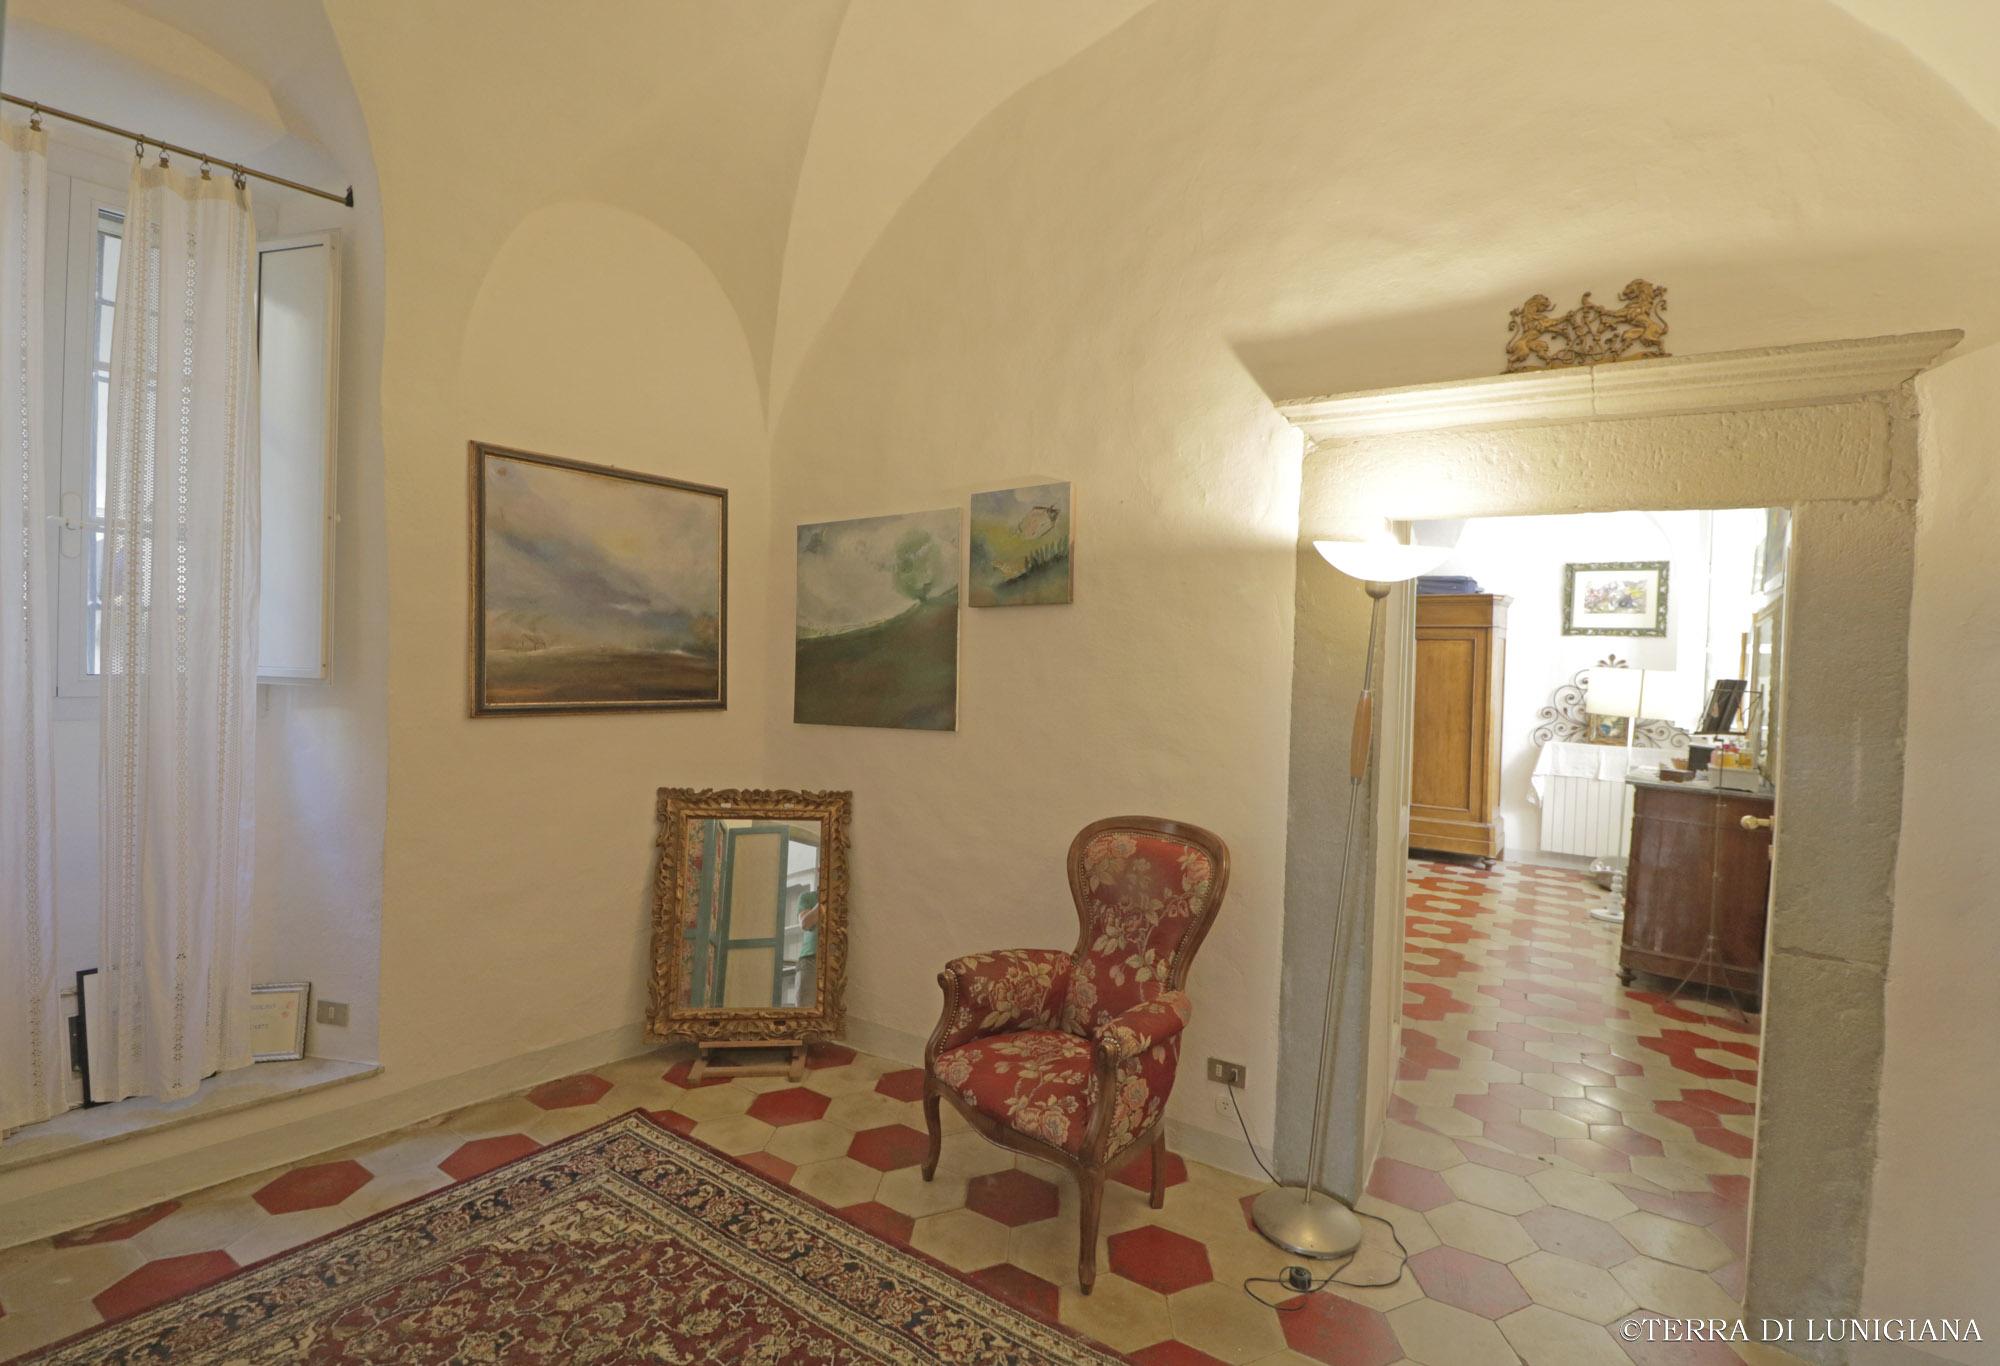 CASA DELL'ARTISTA – Caratteristico Appartamento con Camino